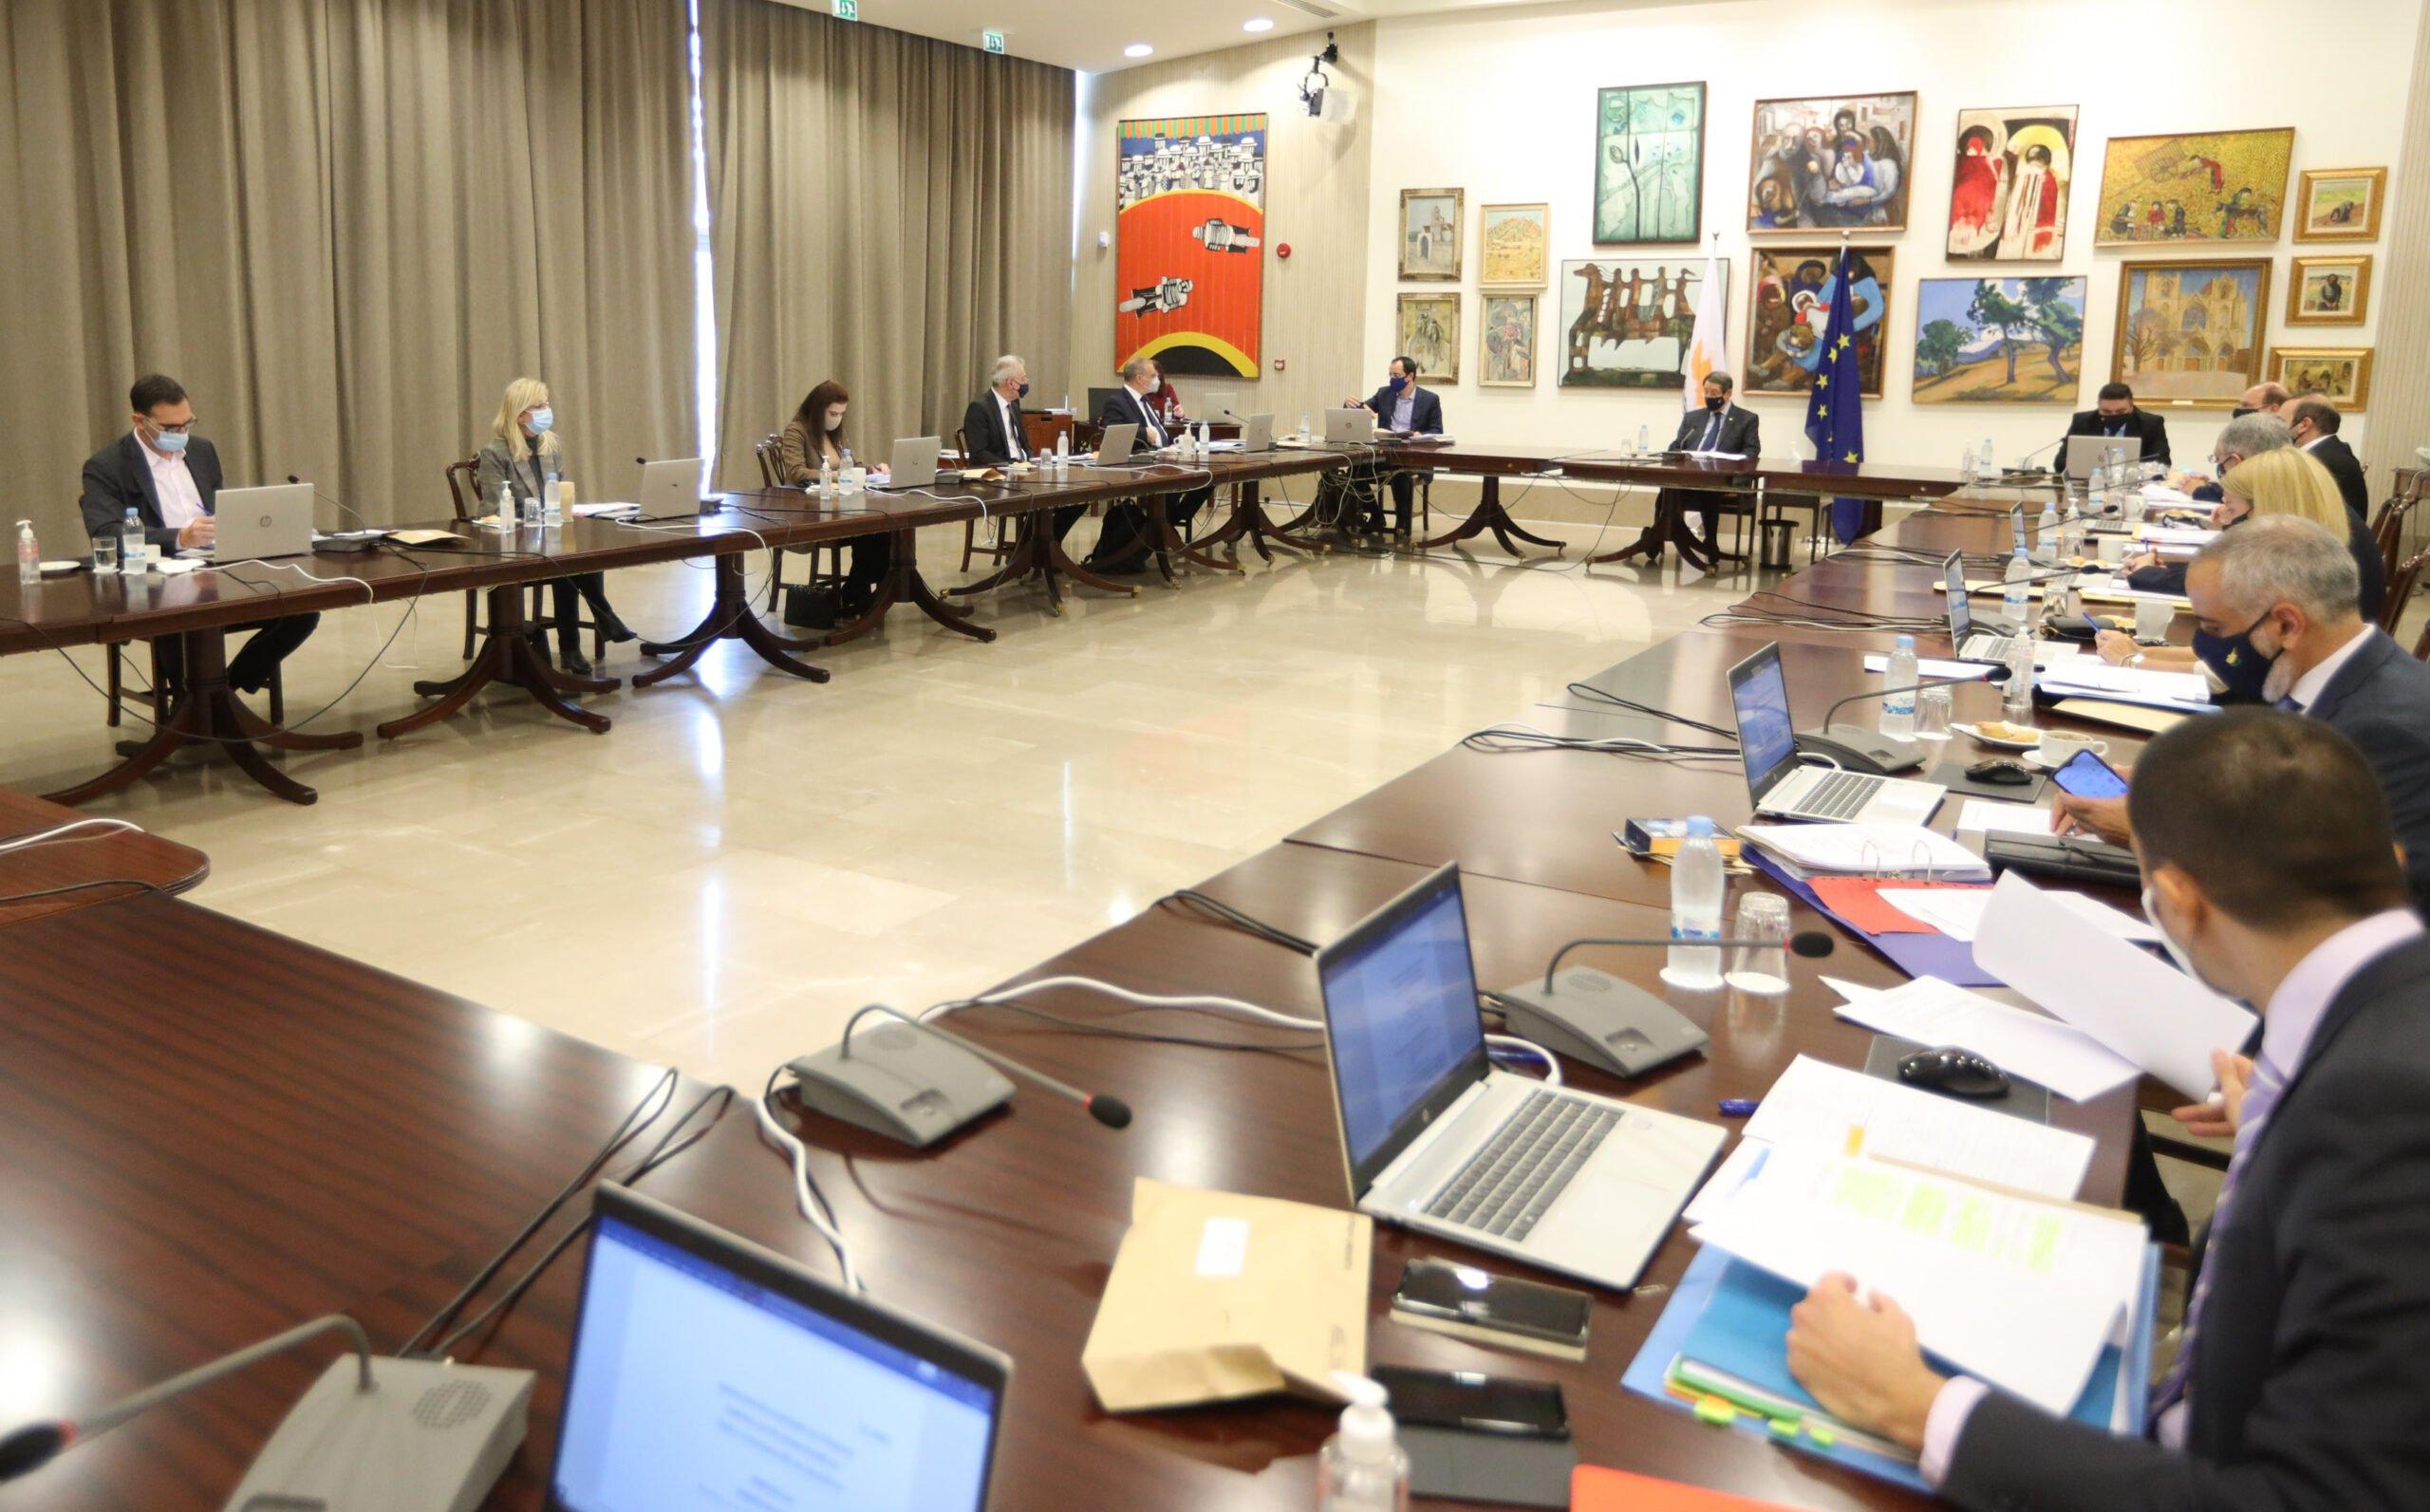 Το υπουργικό συμβούλιο αντιμετώπισε δύσκολες αποφάσεις σχετικά με τα μέτρα Covid